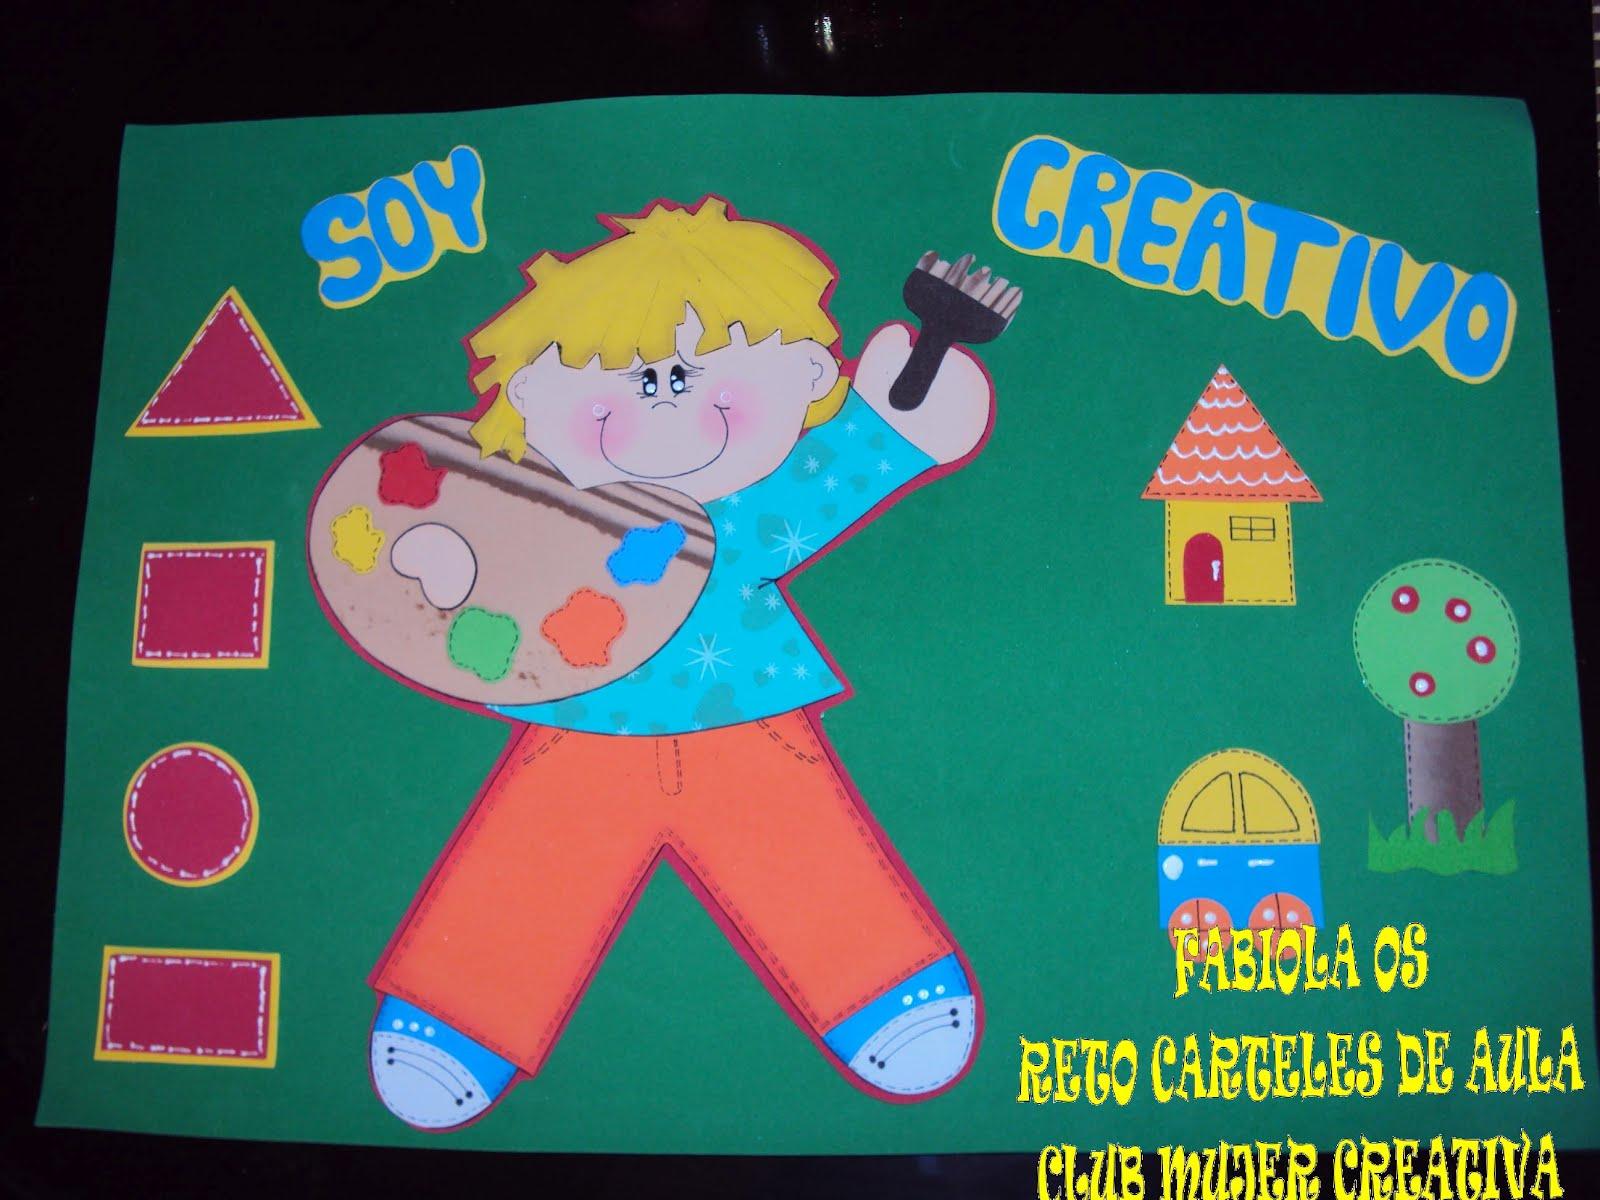 Cartel Escolar   Soy Creativo